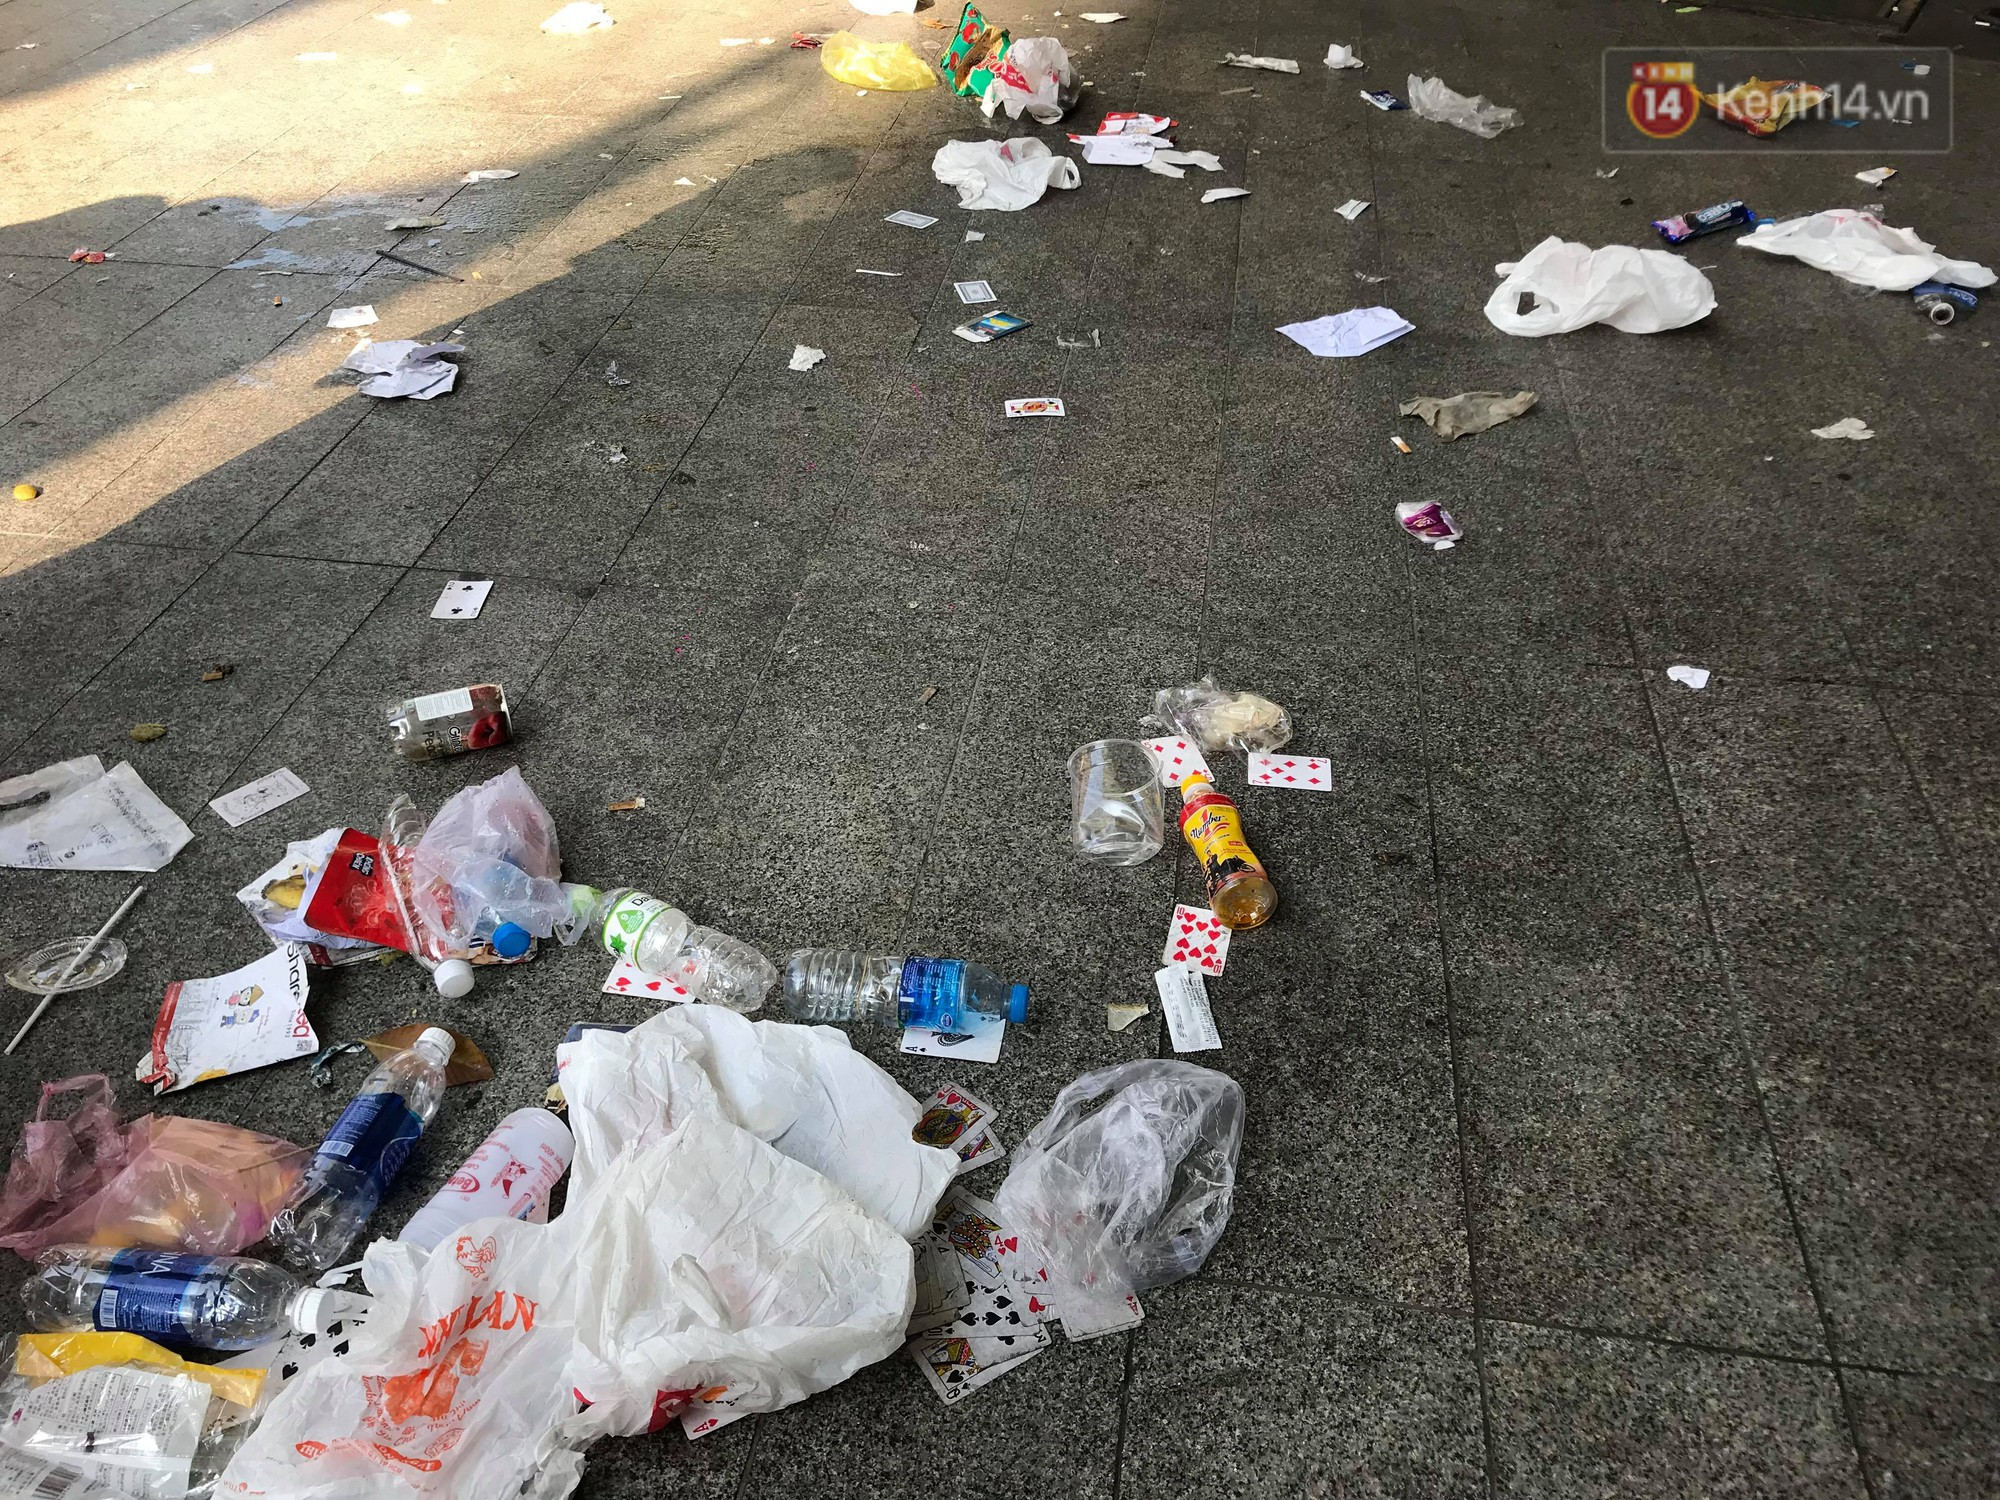 Ngao ngán cảnh vỏ túi nilon, chai nhựa... la liệt sau đêm xếp hàng canh mua giày Adidas của các bạn trẻ ở Sài Gòn - Ảnh 5.